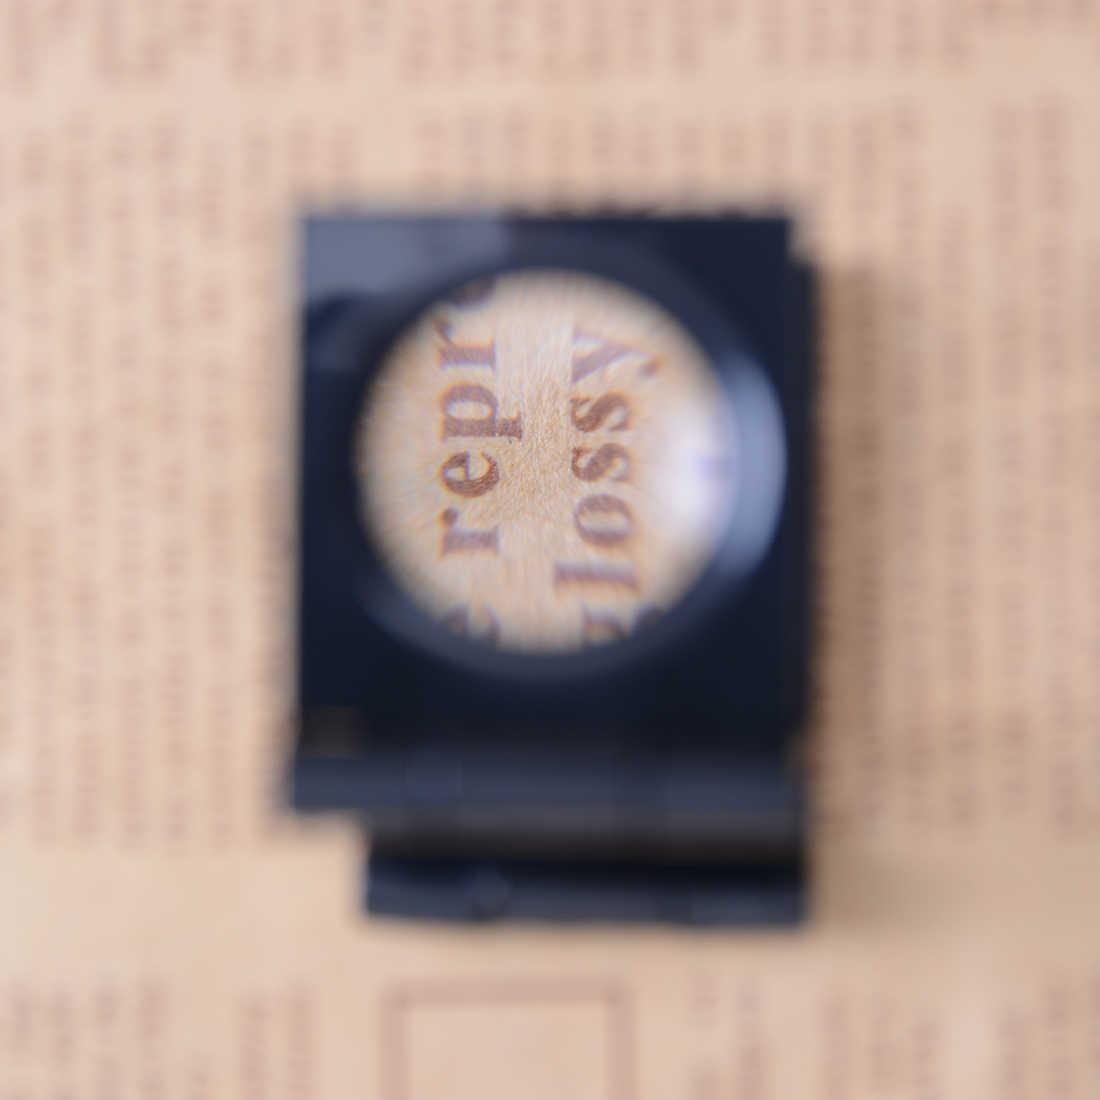 22 мм Складная масштабная Лупа светодиодный свет освещения печатная ткань 8x увеличение Lupa оптические линзы увеличительное стекло